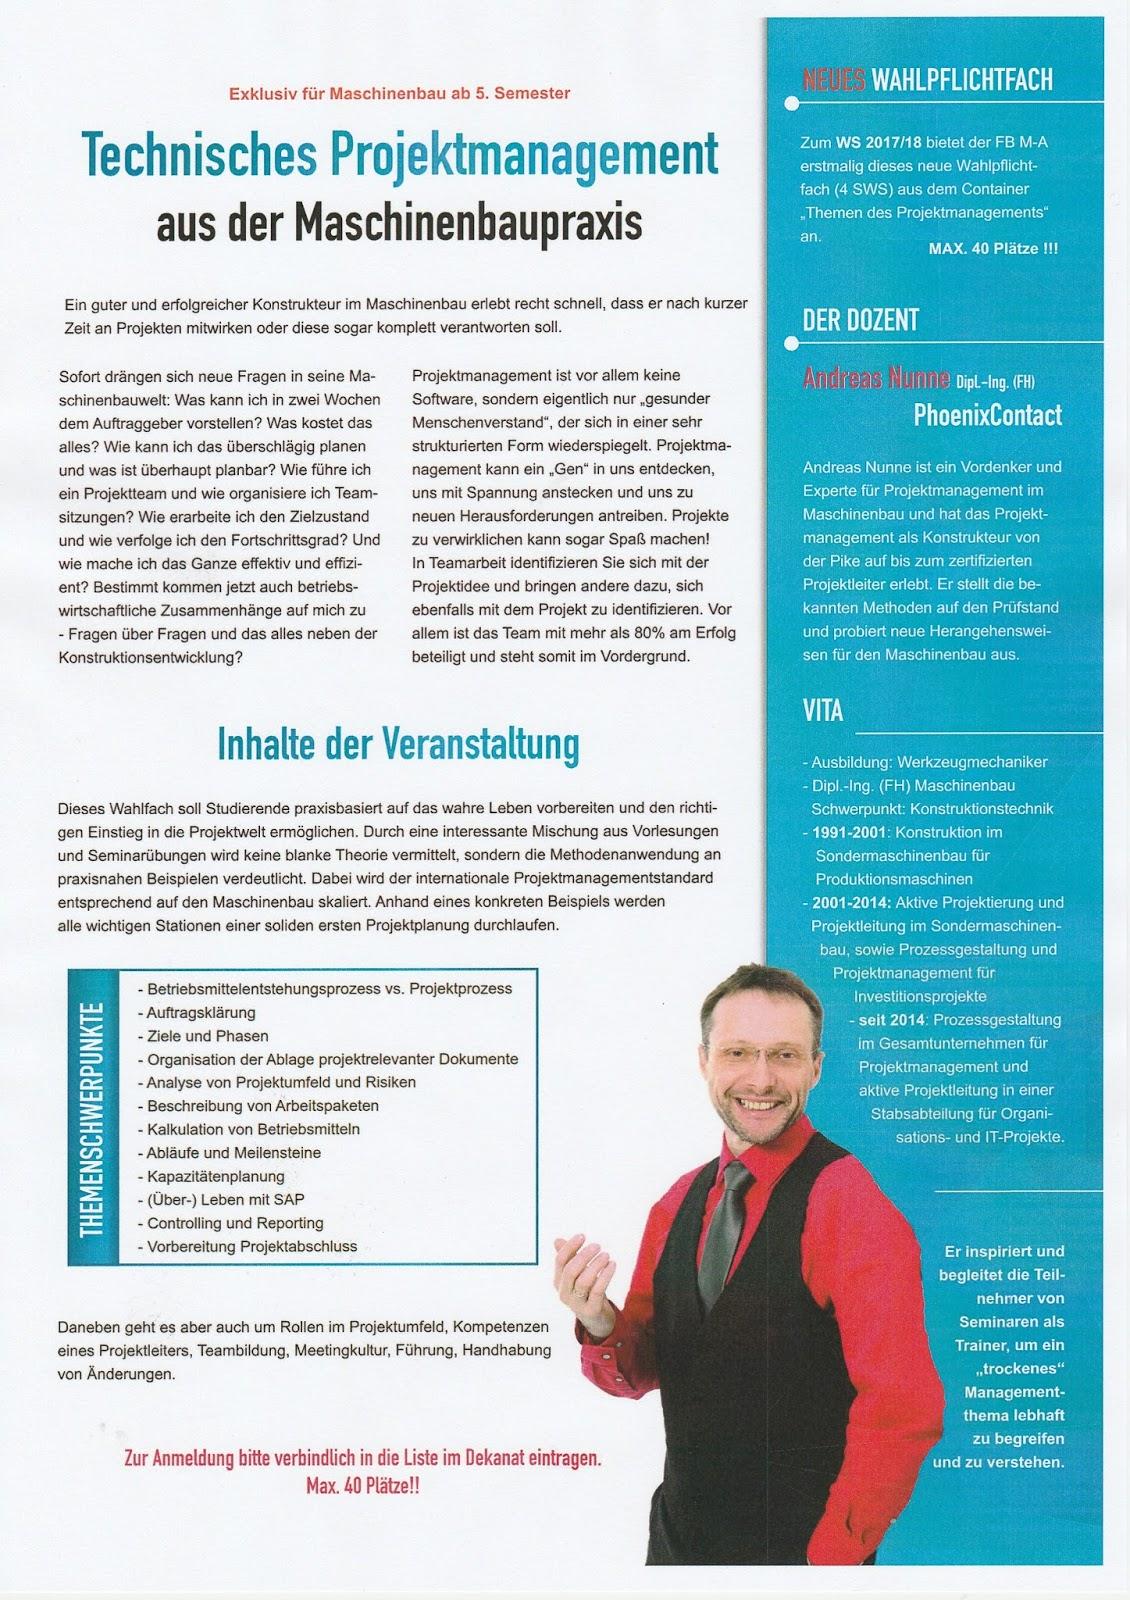 Projektmanagementkompetenz: Lehrauftrag Hochschule